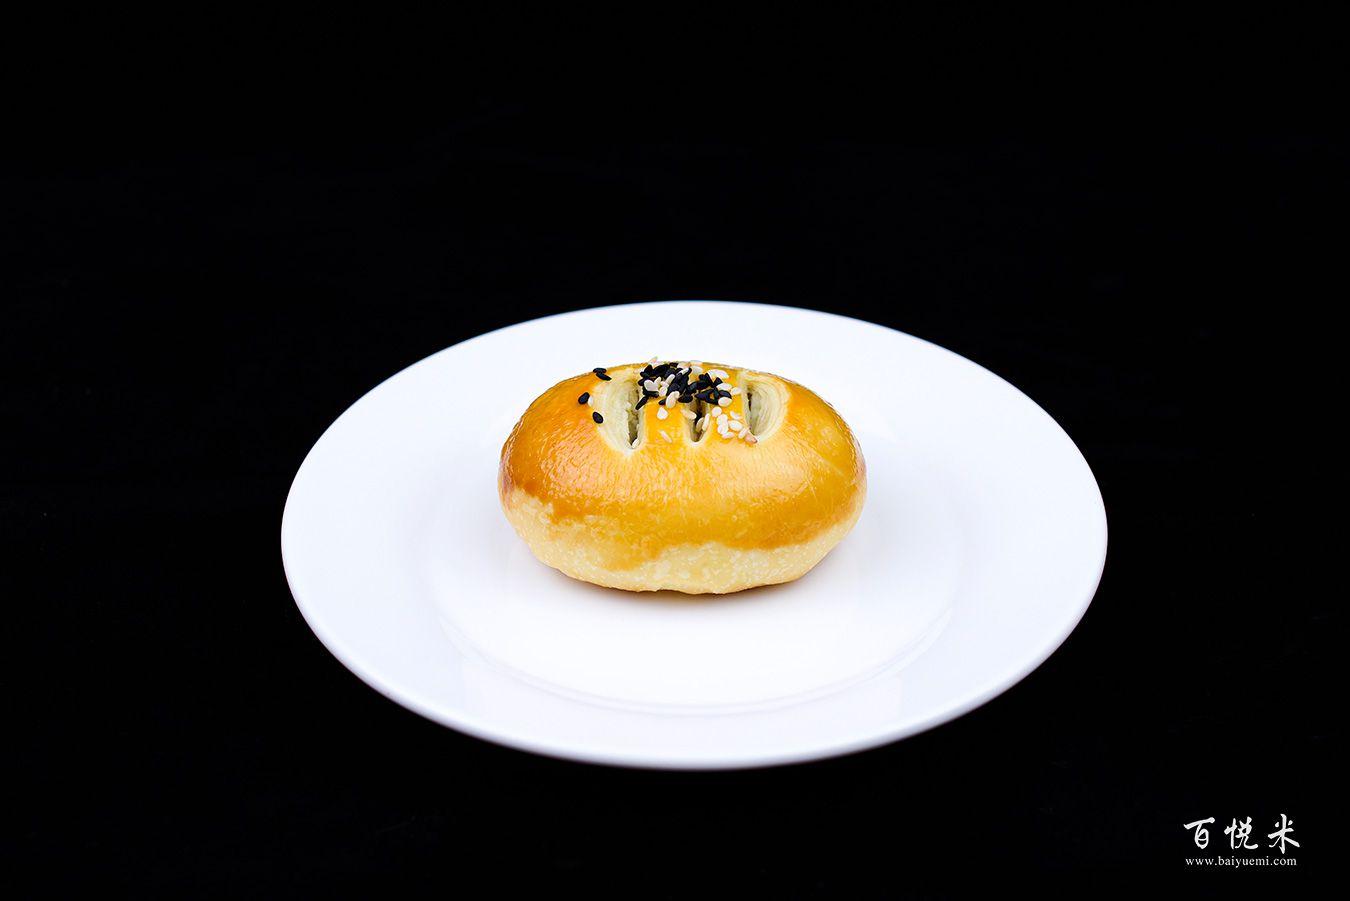 紫薯酥高清图片大全【蛋糕图片】_873